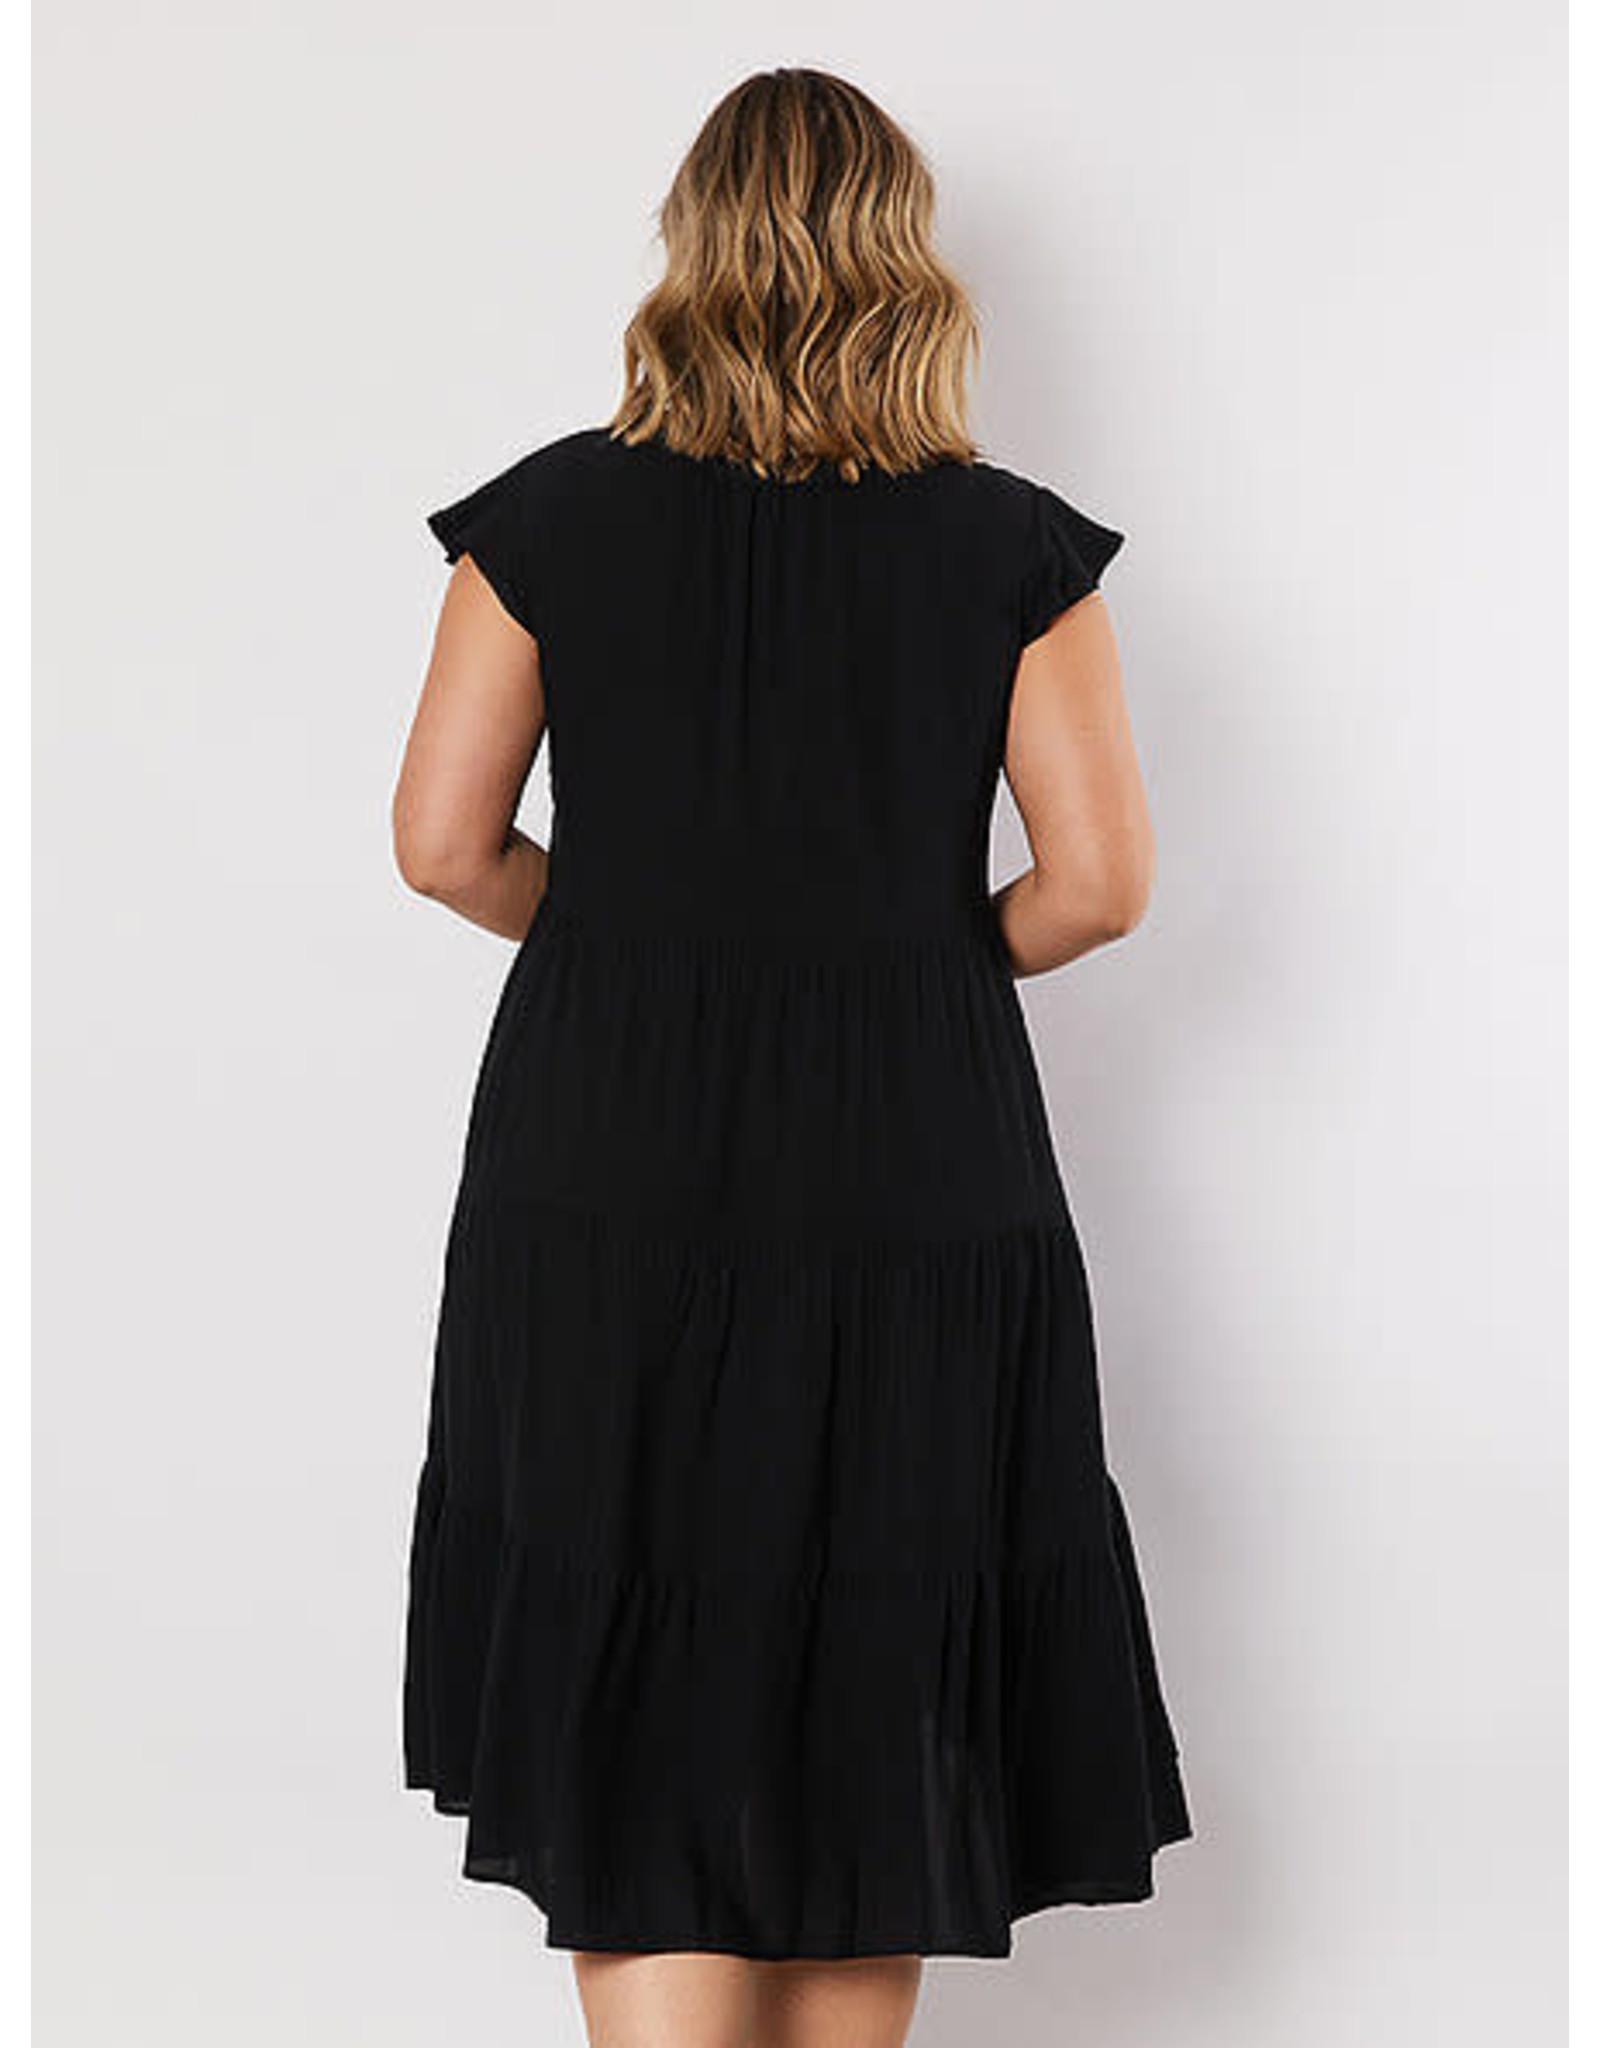 Threadz Black Tiered Dress